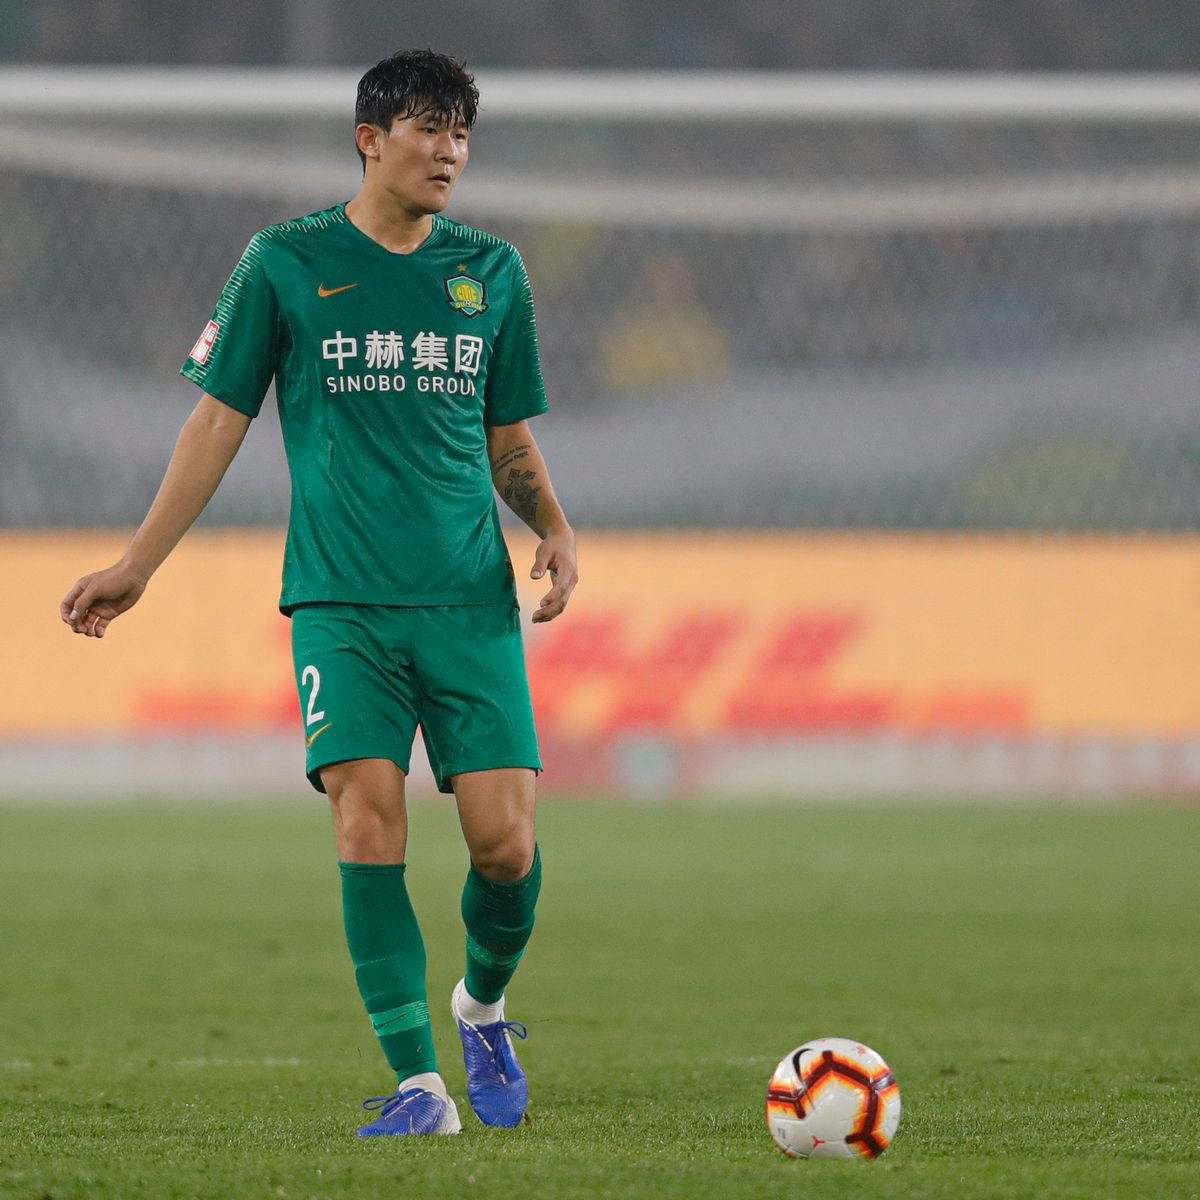 Fenerbahçe, Koreli futbolcu Min-Jae Kim i açıkladı #1